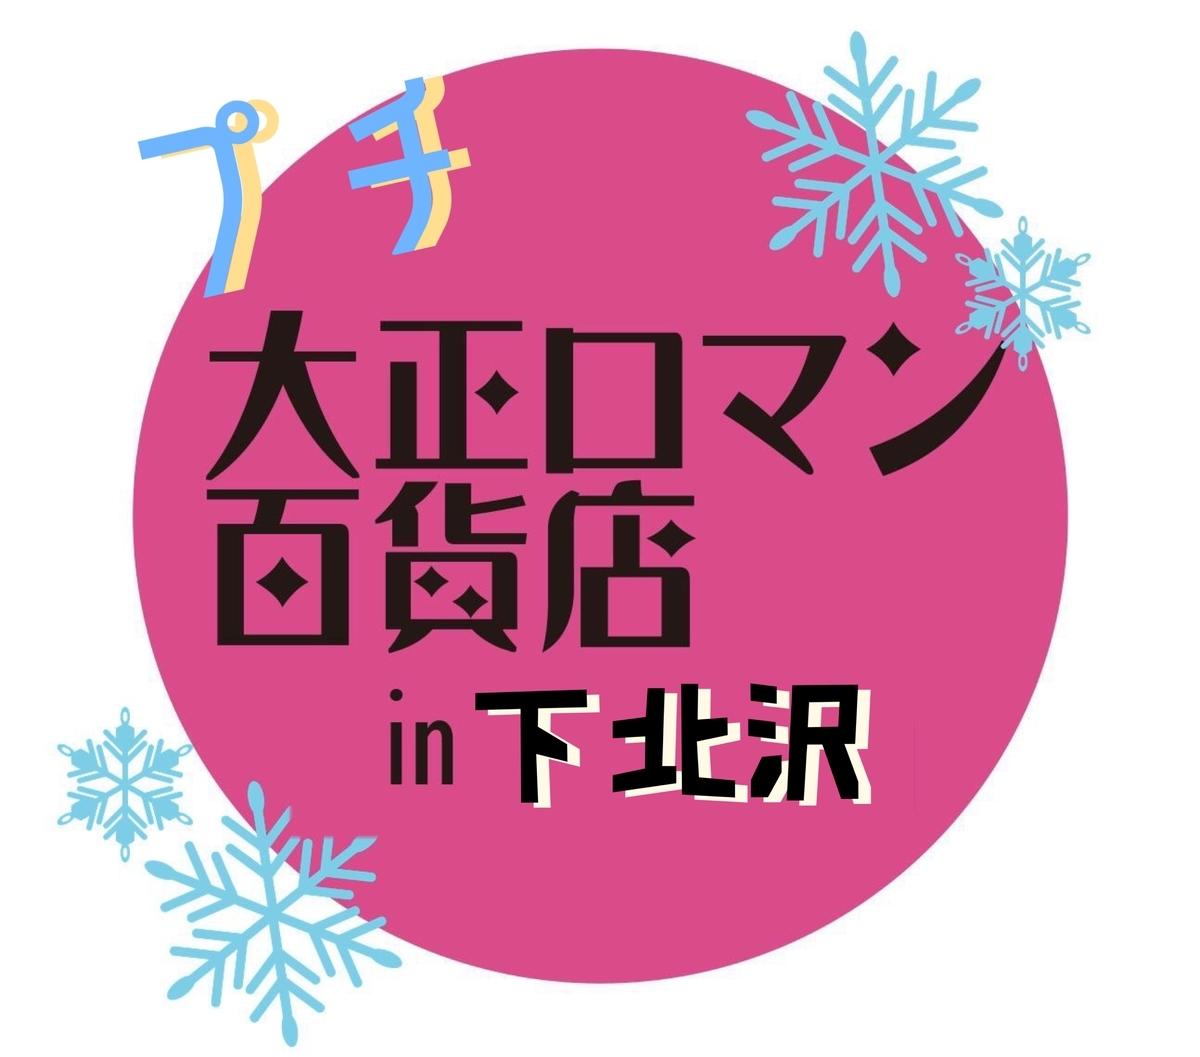 f:id:wing_kimoo:20191129185024j:plain